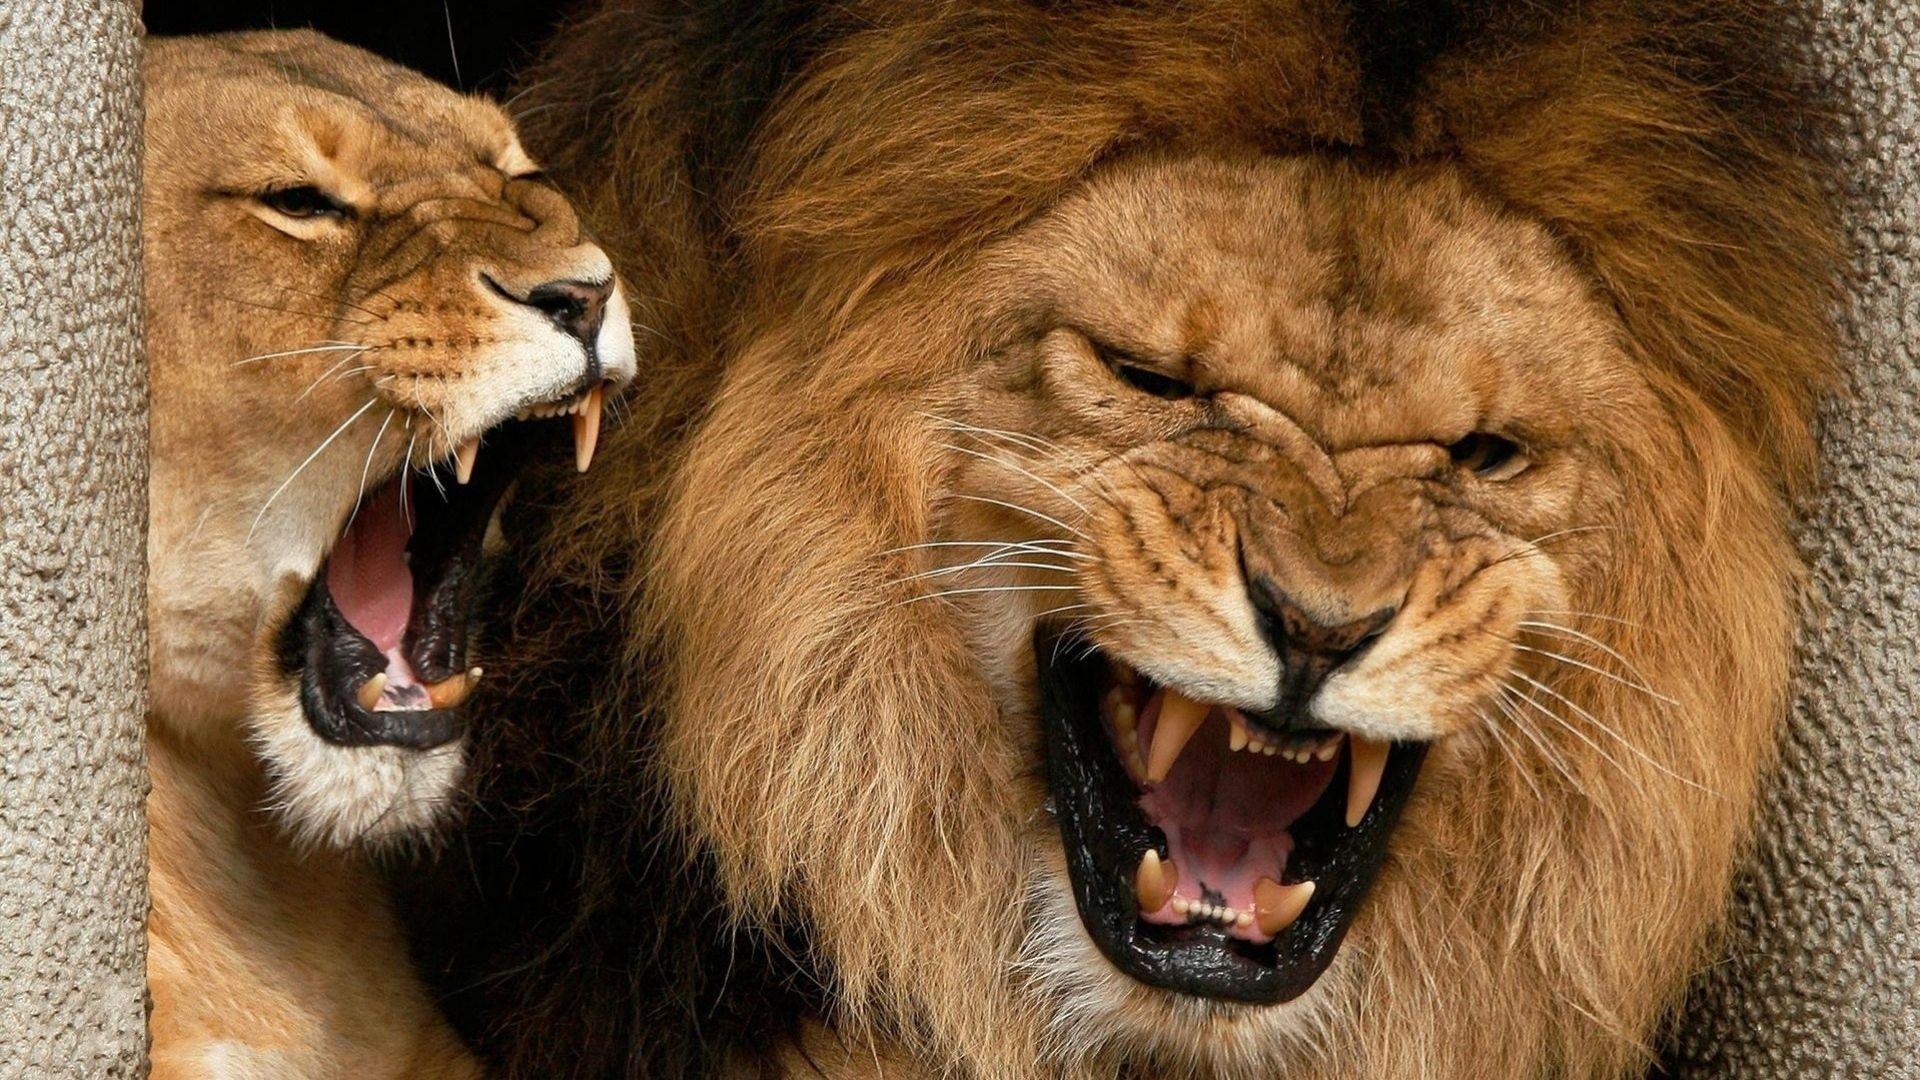 66017 fond d'écran 720x1520 sur votre téléphone gratuitement, téléchargez des images Animaux, Agression, Sourire, Coupler, Paire, Un Lion, Lion, Lionne 720x1520 sur votre mobile